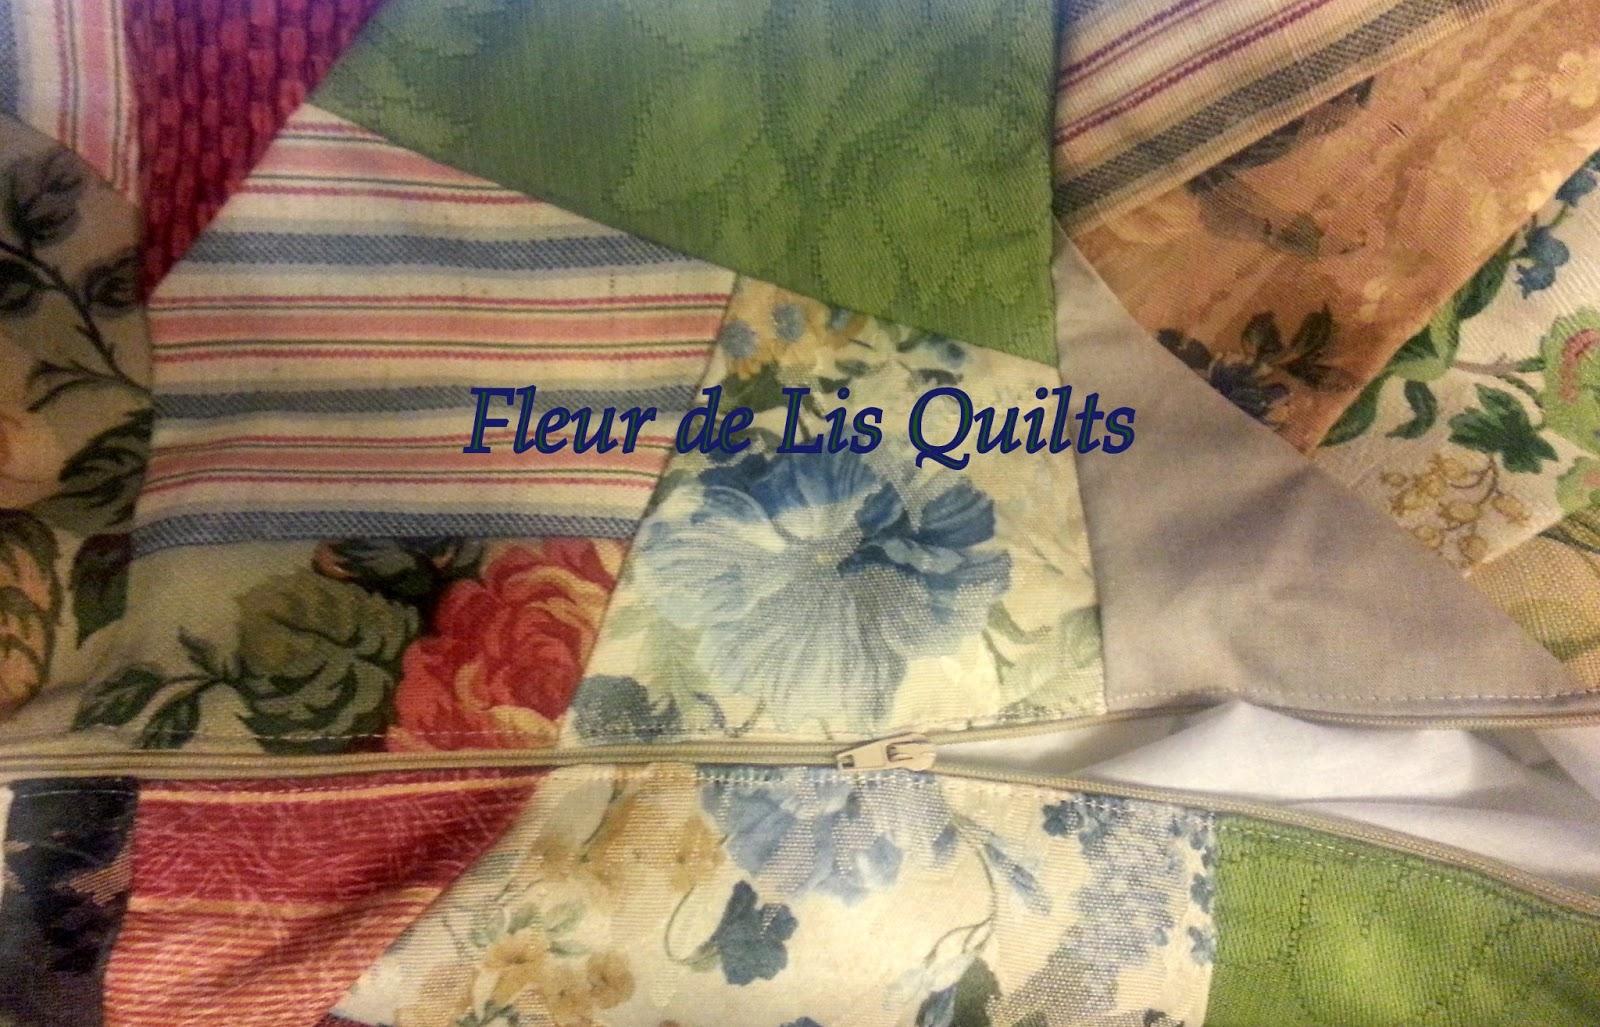 Victorian Bolster Pillows : Fleur de Lis Quilts and Accessories: A Victorian Bolster